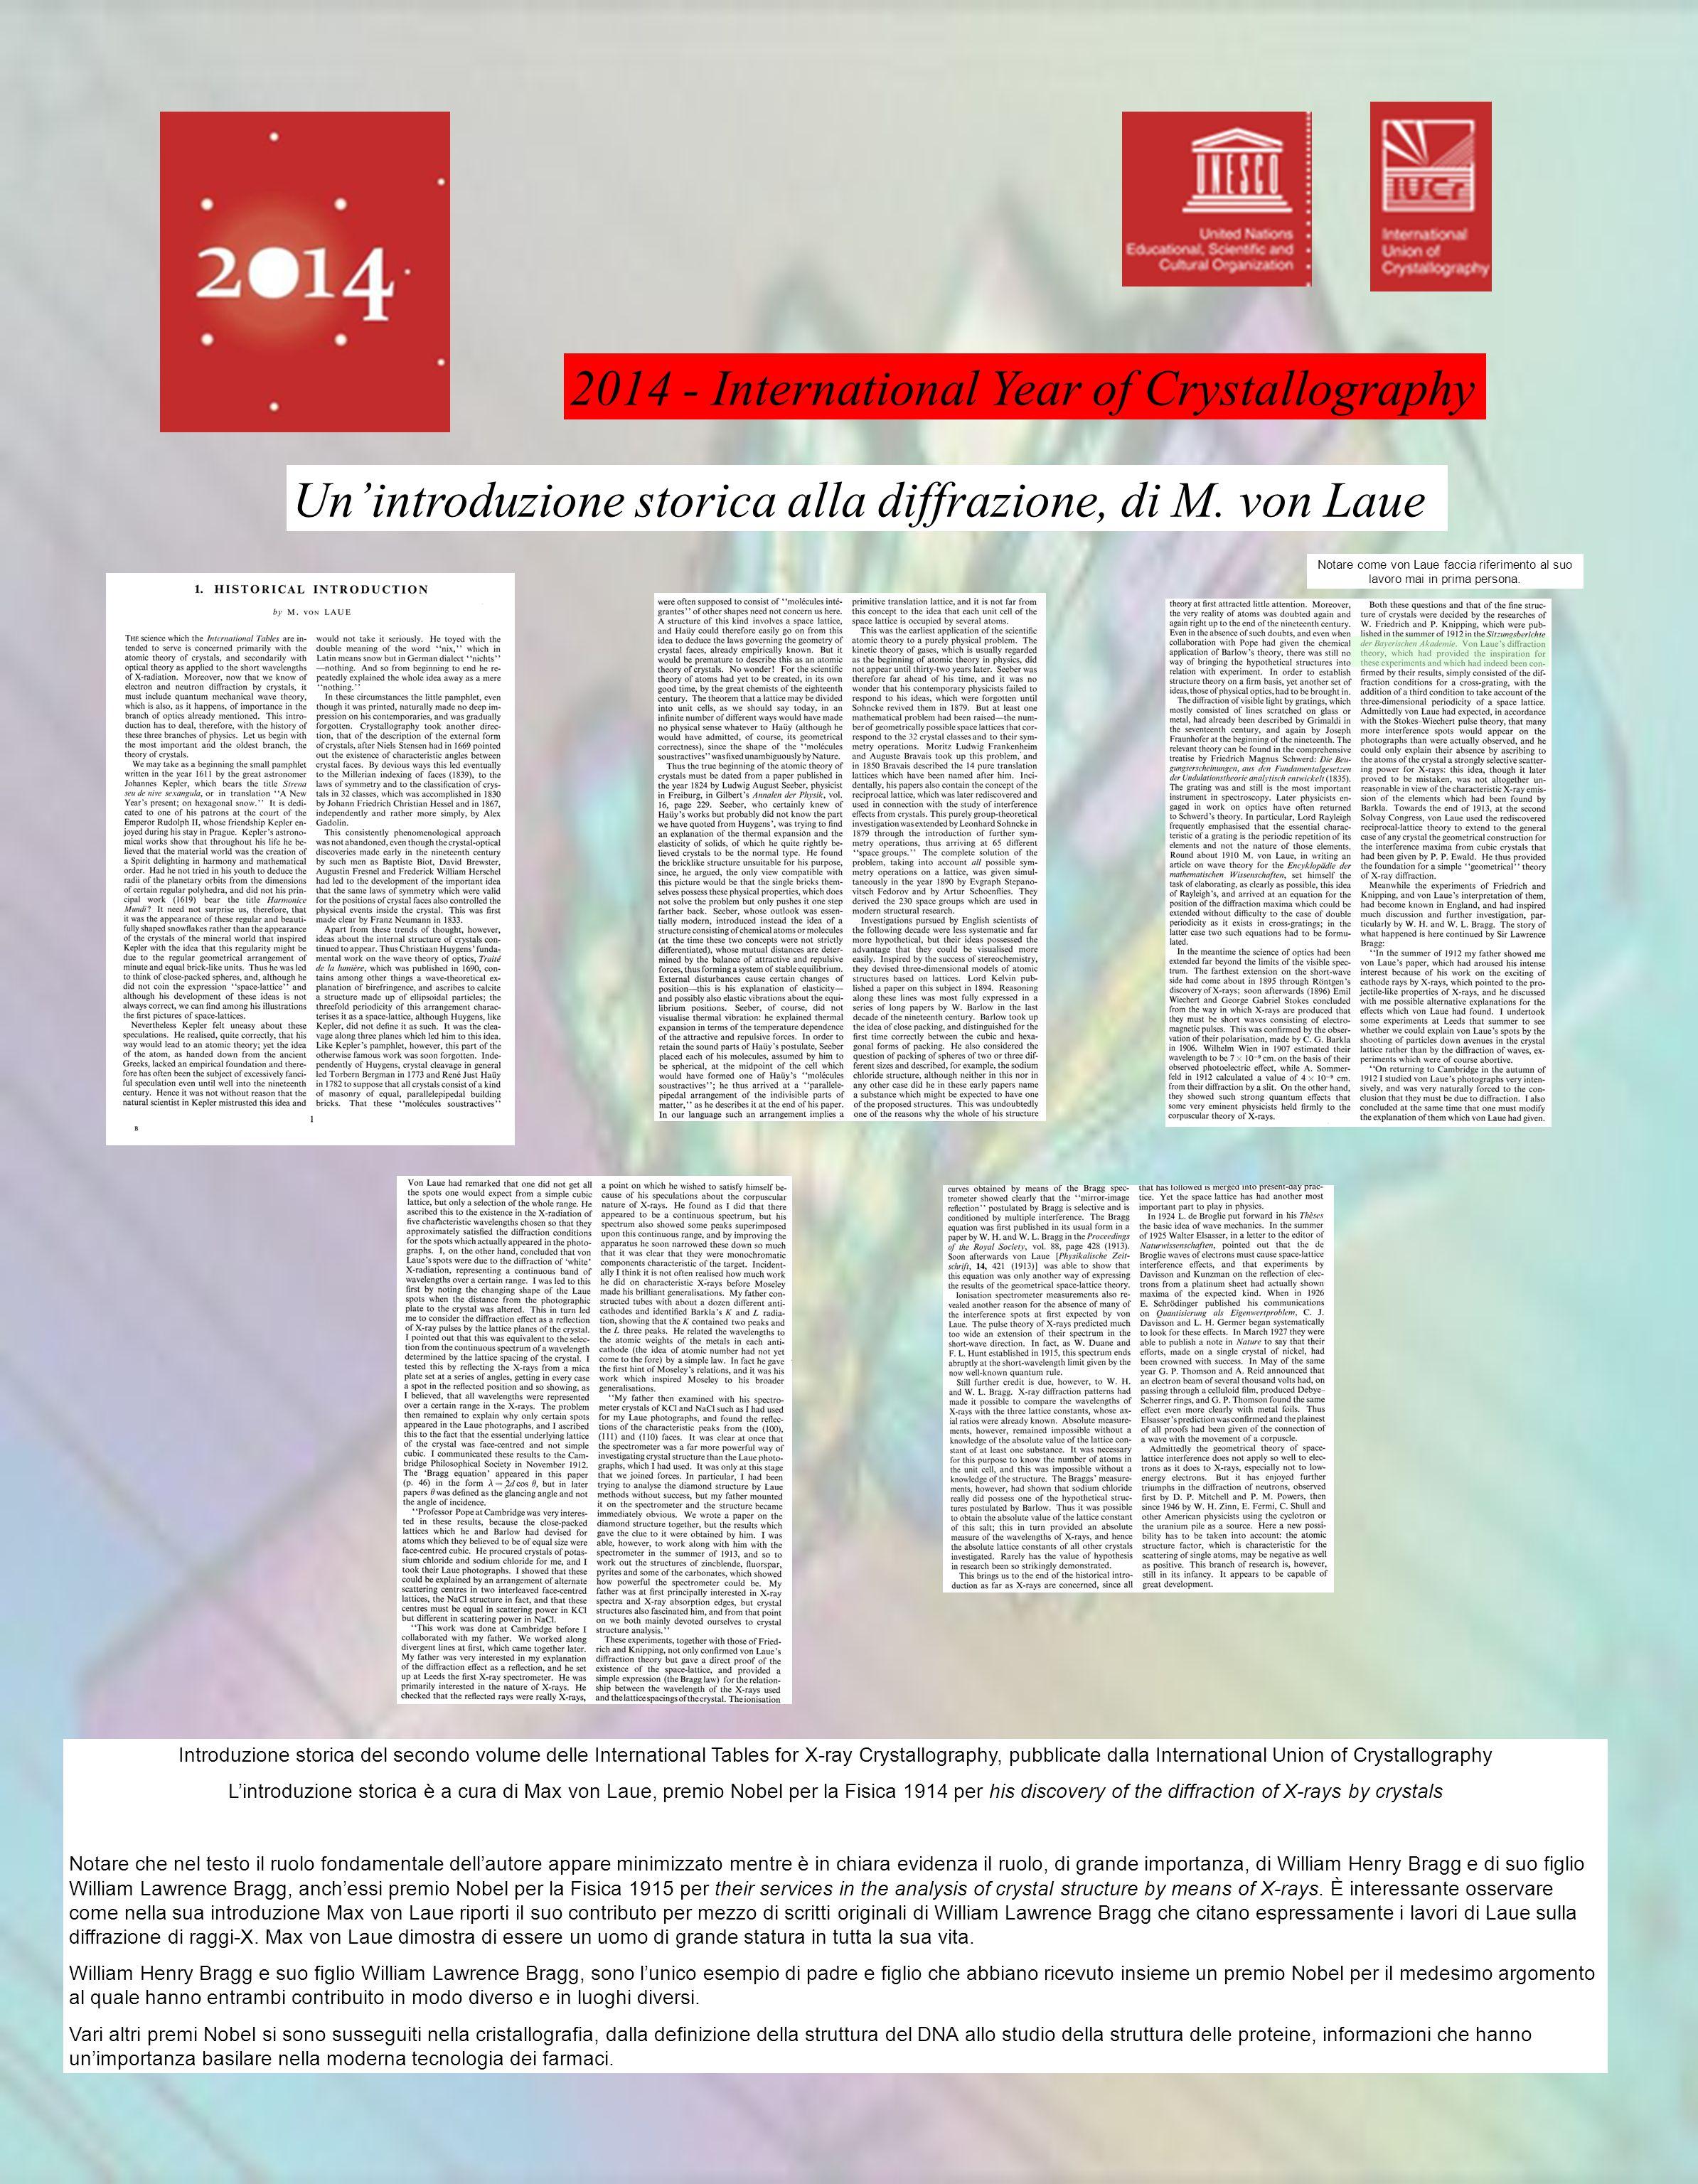 La diffrazione è un fenomeno fisico causato dall'interazione di un'onda con un oggetto di dimensioni opportune Laser rosso dopo un piccolo foro La luce delle stelle subisce diffrazione nel telescopio Nel micro mondo degli atomi ogni oggetto si comporta anche come un'onda quindi si assiste spesso a fenomeni di diffrazione La diffrazione e i premi Nobel per la fisica 1901Wilhelm Conrad Röntgen (primo Nobel per la Fisica) 1914Max von Laue 1915William Henry Bragg 1915William Lawrence Bragg { Cristallografia e la materia biologica, gli attori della soluzione della struttura del DNA Rosalind Elsie Franklin, diffrazione di raggi-x sul DNA, la doppia elica emerge dai suoi esperimenti James Dewey Watson Francis Harry Compton Crick Biologi, Nobel per la medicina Maurice Hugh Frederick Wilkins, fisico, biologia molecolare, ideatore della struttura a elica, Nobel per la Medicina insieme a Crick e Watson La cristallografia delle proteine è un procedimento essenziale per la biologia e la farmacologia Piccoli cristalli di proteine al microscopio Figura di diffrazione di raggi-X da un cristallo di proteine, il quadrato di lato è un ingrandimento dove si vedono i punti prodotti dalla diffrazione e le terne di numeri (indici di Miller) che li caratterizzano Protein Data Bank è una raccolta delle strutture dei cristalli di proteine.